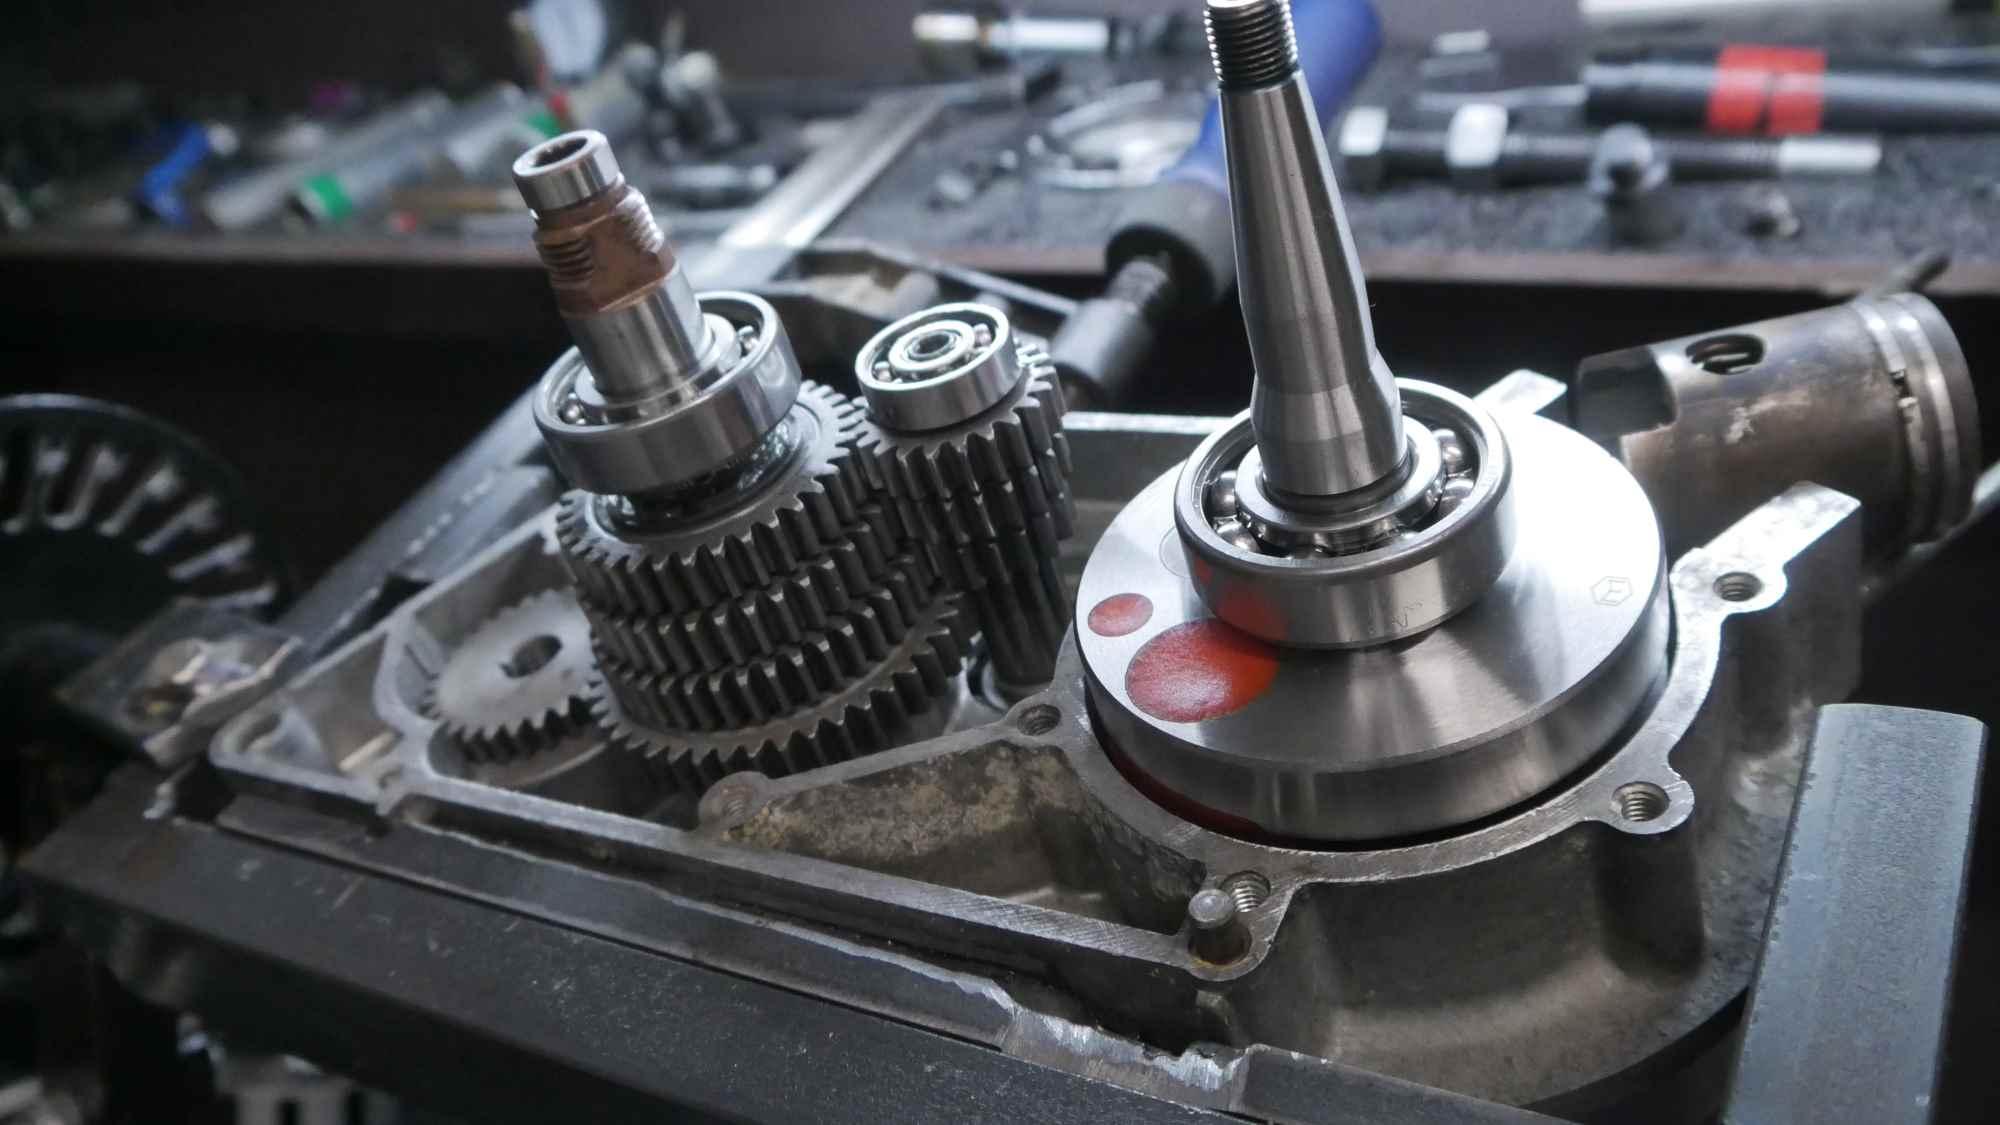 Simson S51 Motor mit Tuning Kurblwelle während Revision